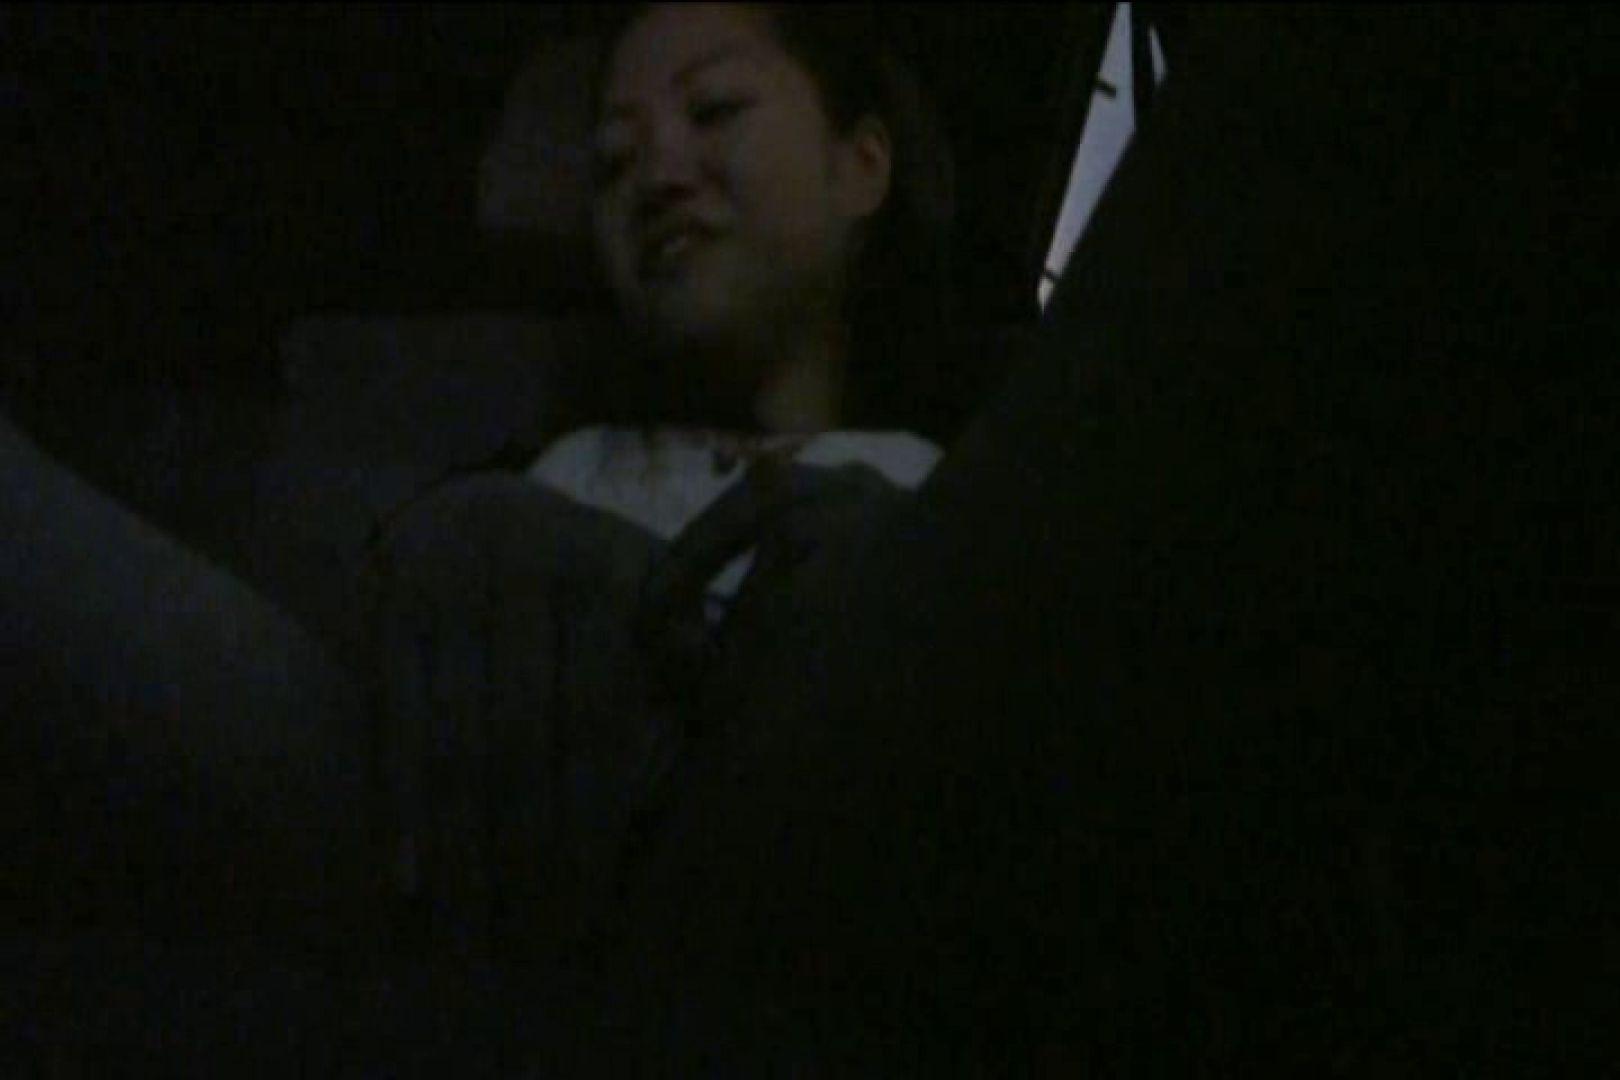 車内で初めまして! vol01 出会い系 えろ無修正画像 102PIX 89